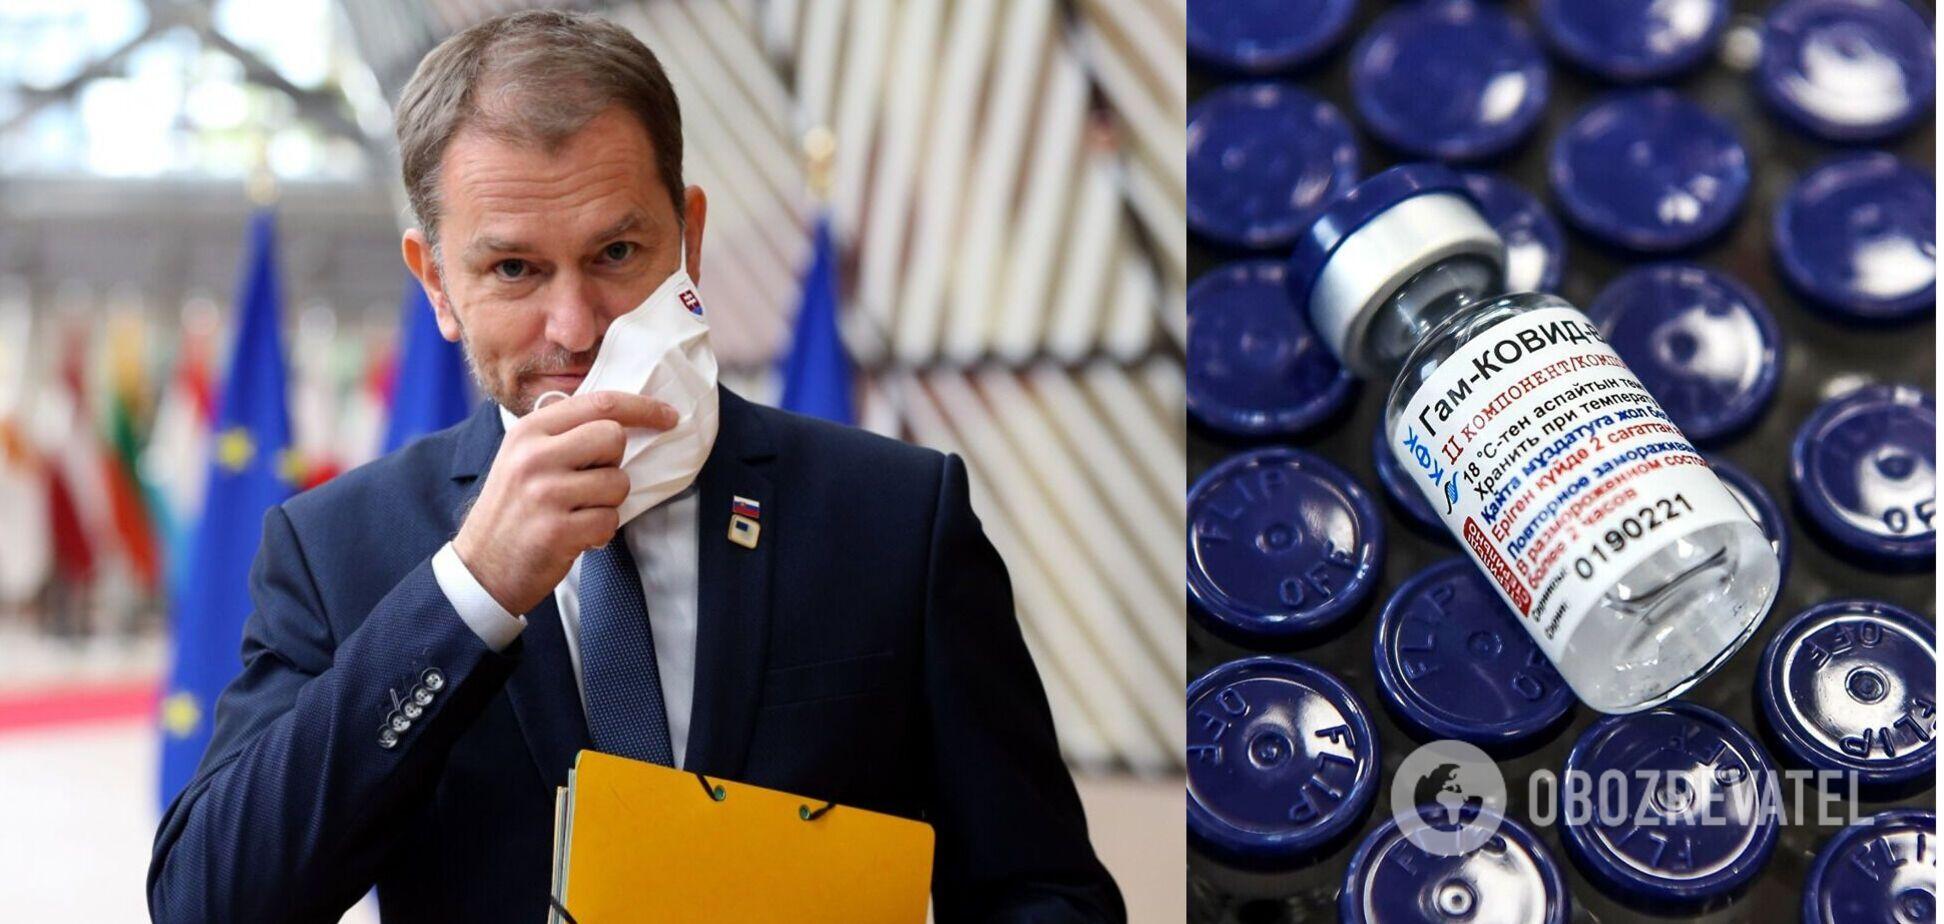 Прем'єр Словаччини заявив про готовність піти у відставку через скандал із 'Супутником V'